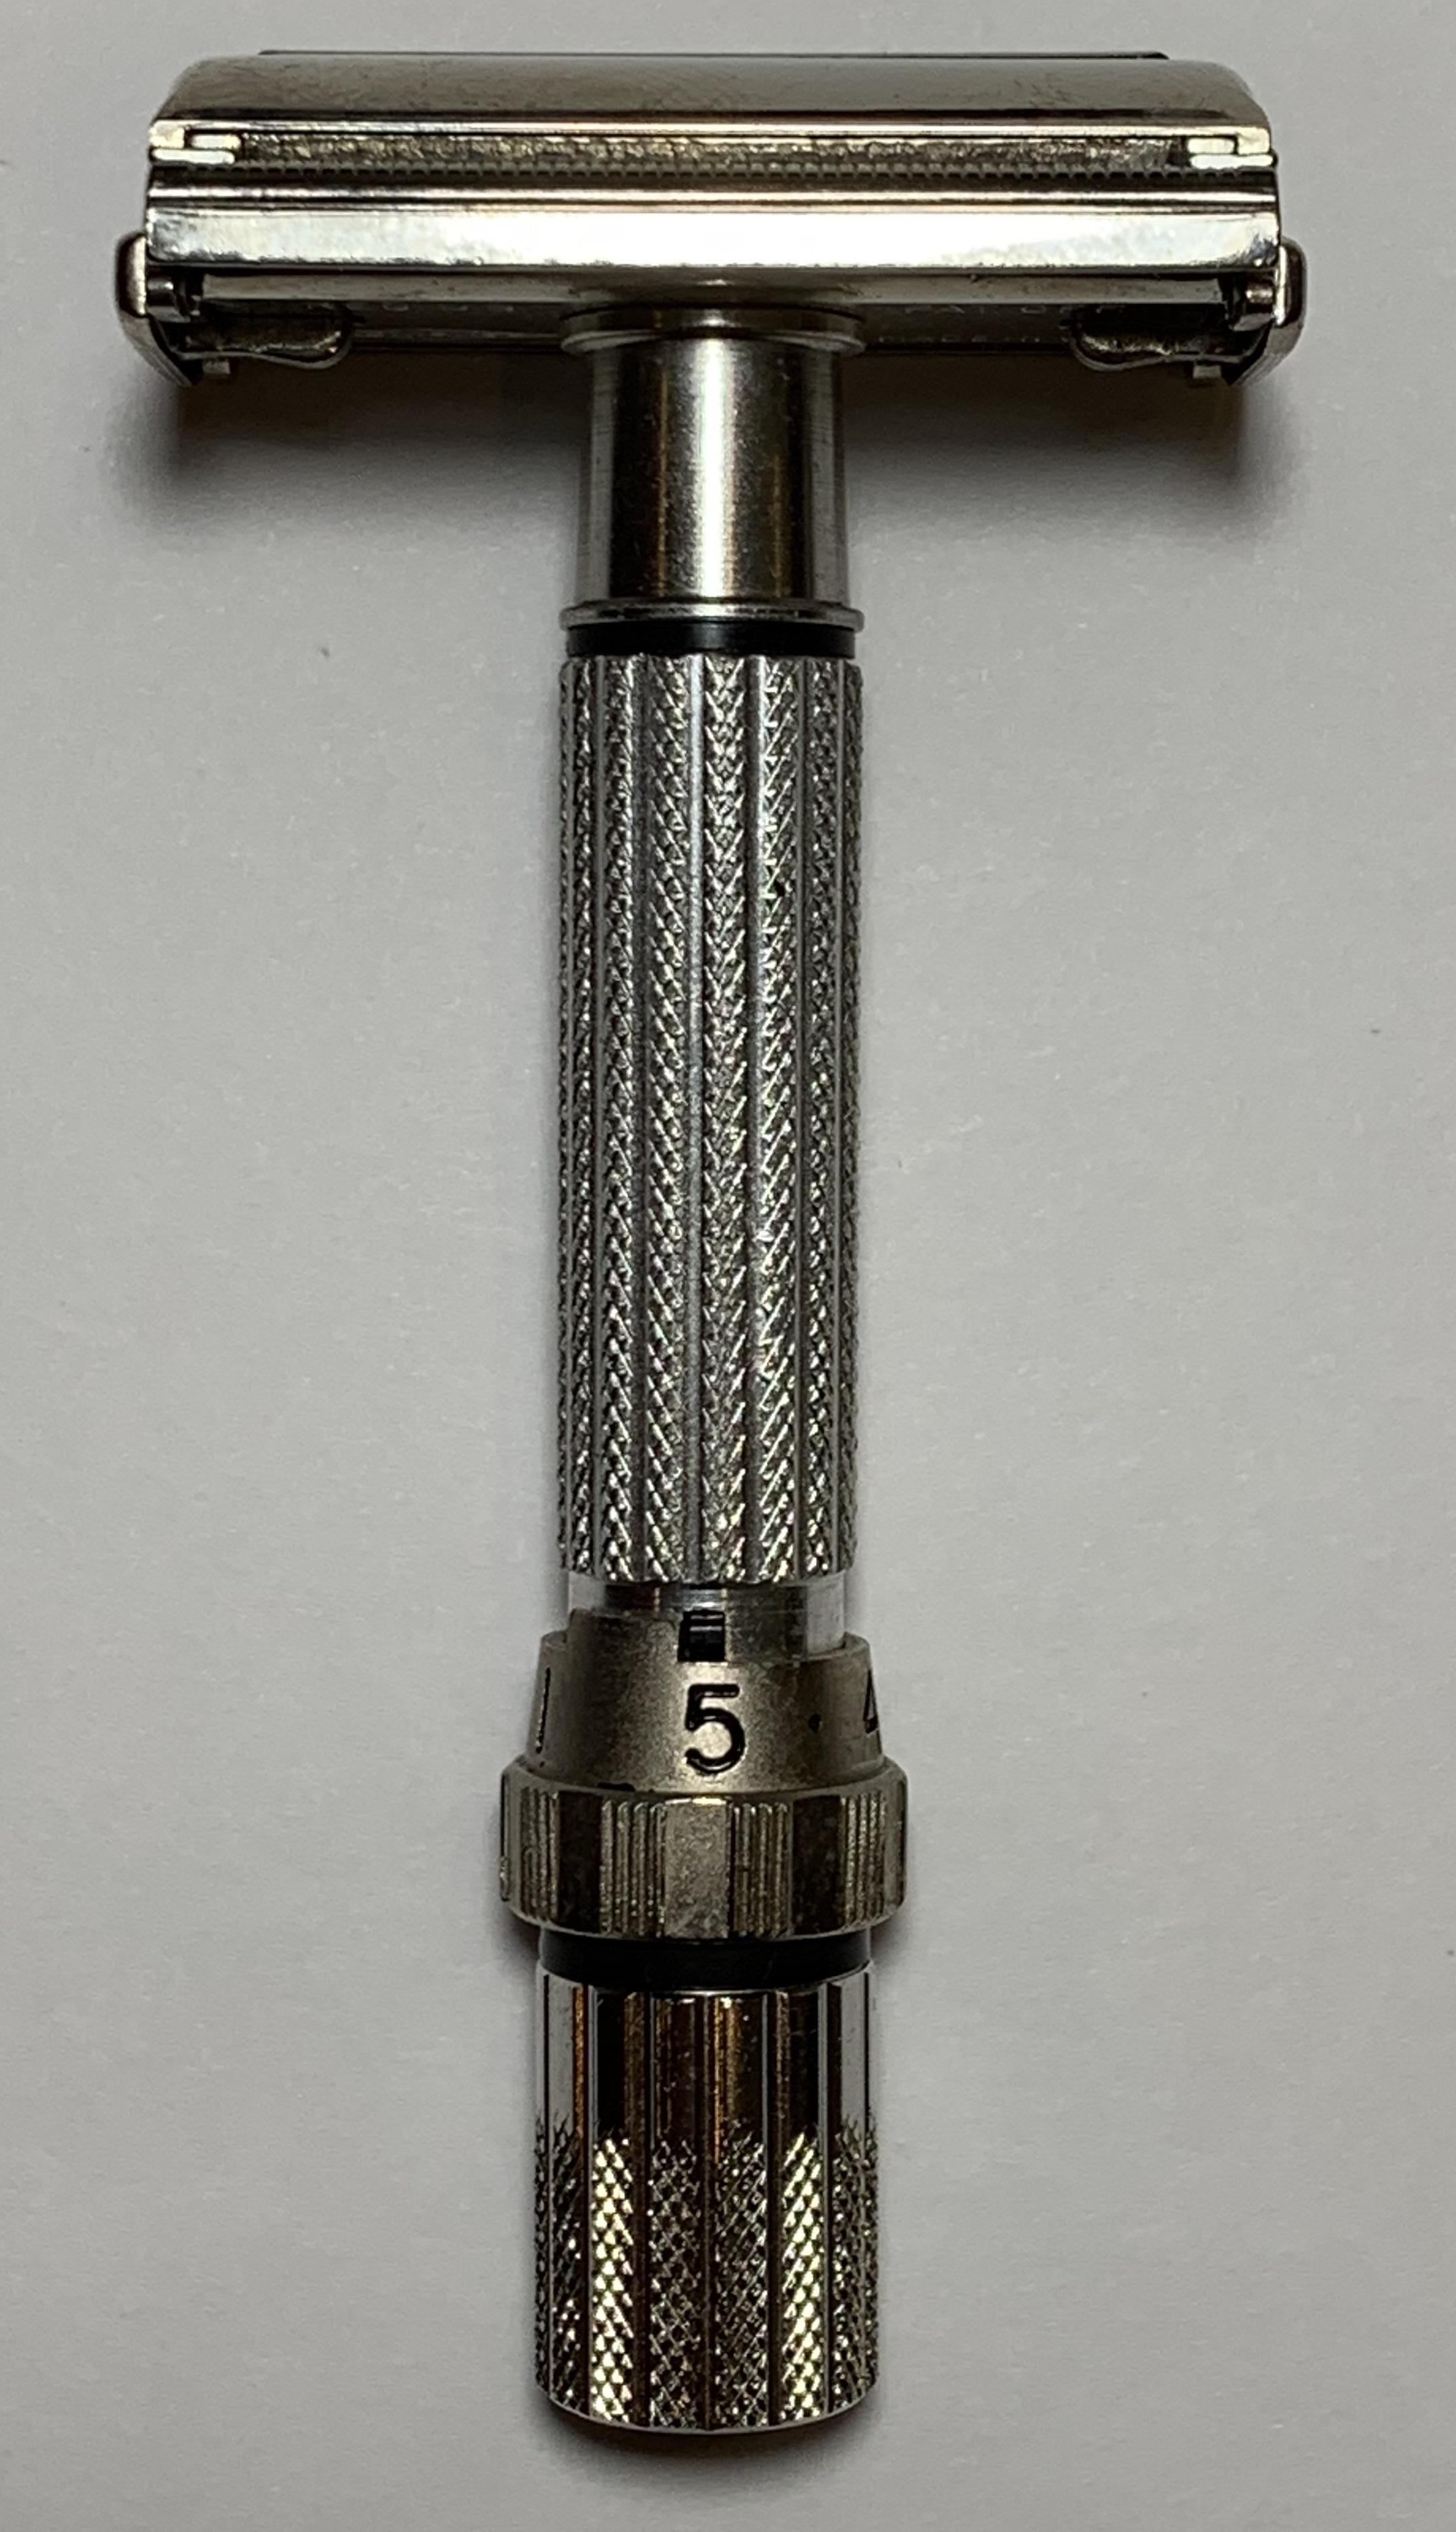 Bottom Dial 5 Position Nickel